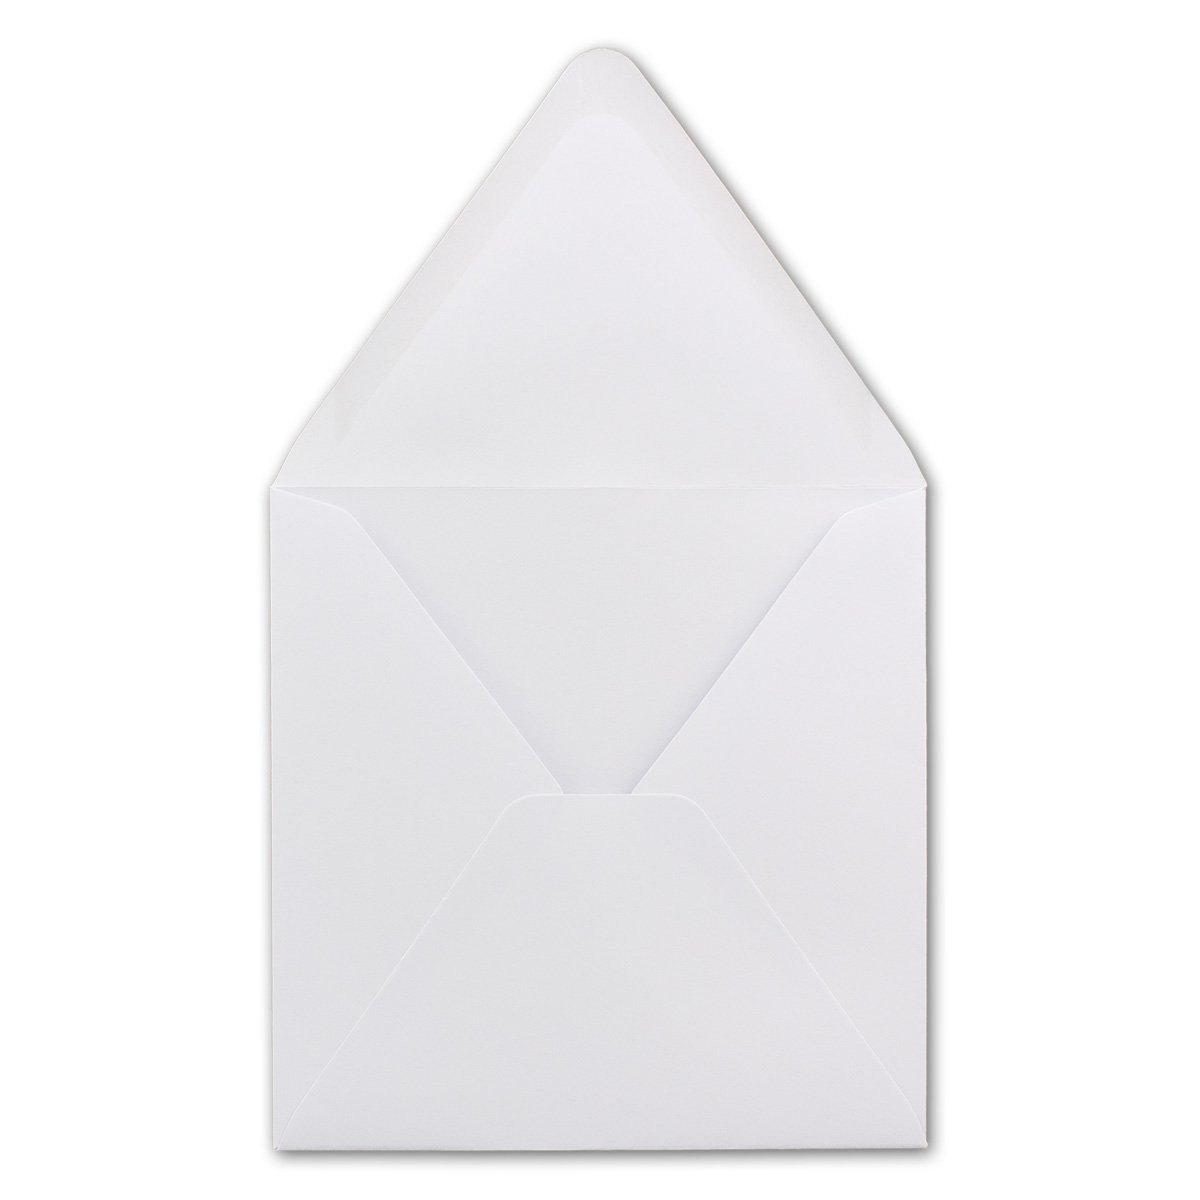 Briefumschläge Quadratisch 150 x x x 150 mm - Hochweiß   500 Stück   Superweiss Top-qualität - 100 g m²   150 x 150 cm - Für ganz besondere Anlässe  - Haftklebung - Qualitätsmarke  Gustav NEUSER B071HV8ZVD | Genialität 90d061